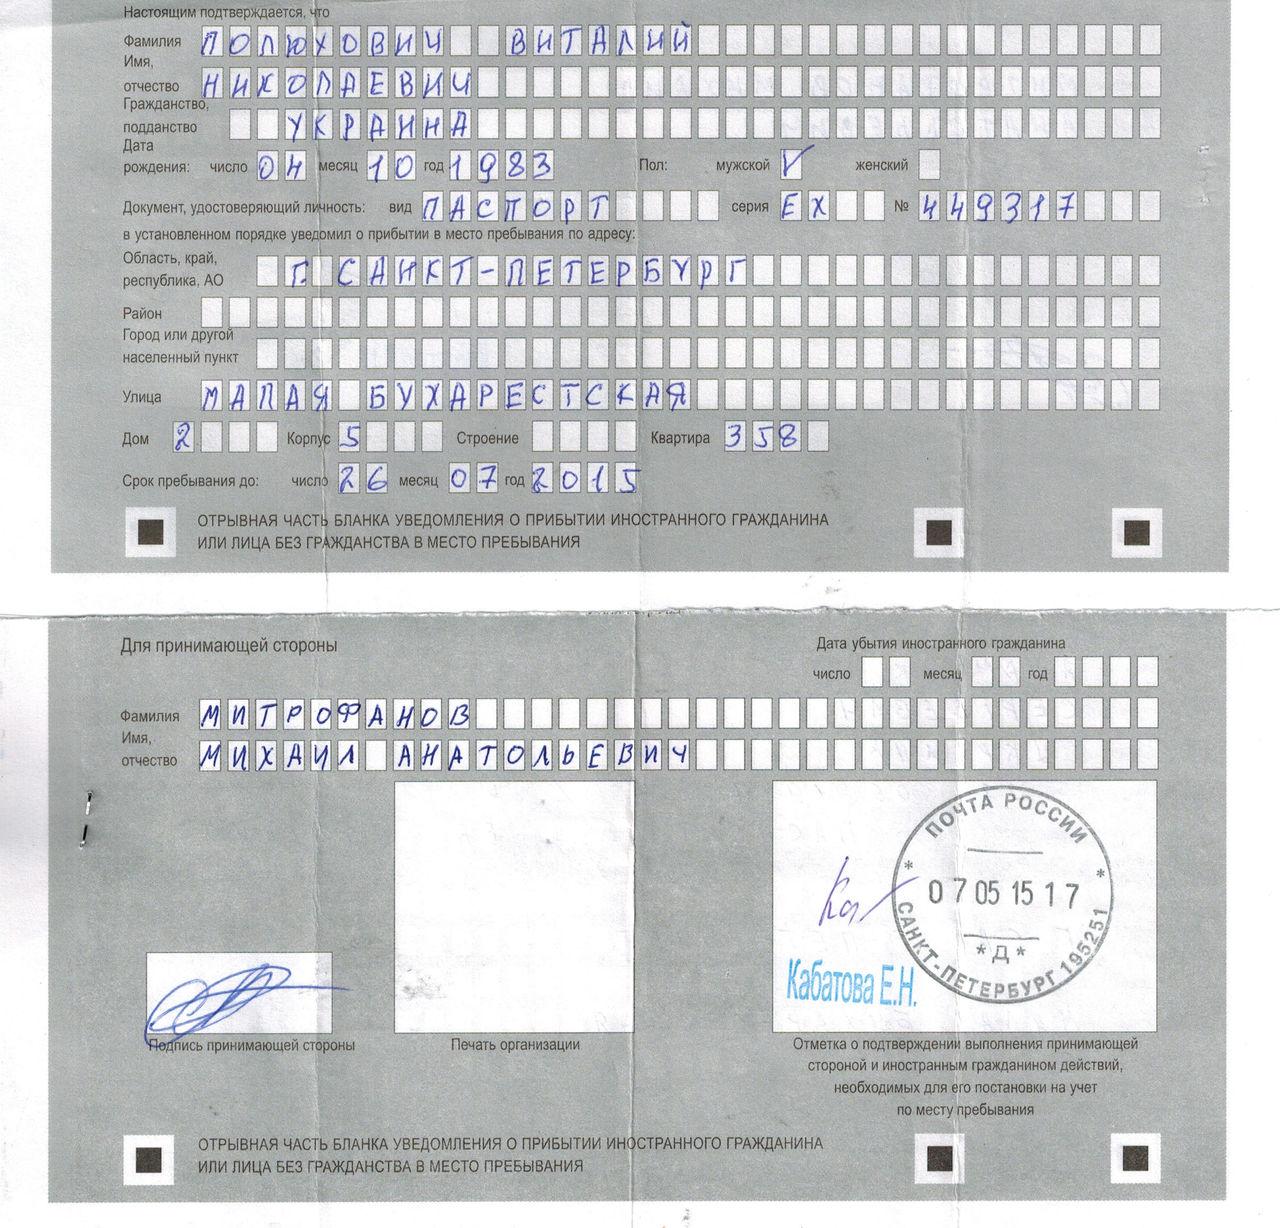 Регистрация ин гражданина спб ответственных за хранение медицинских книжек